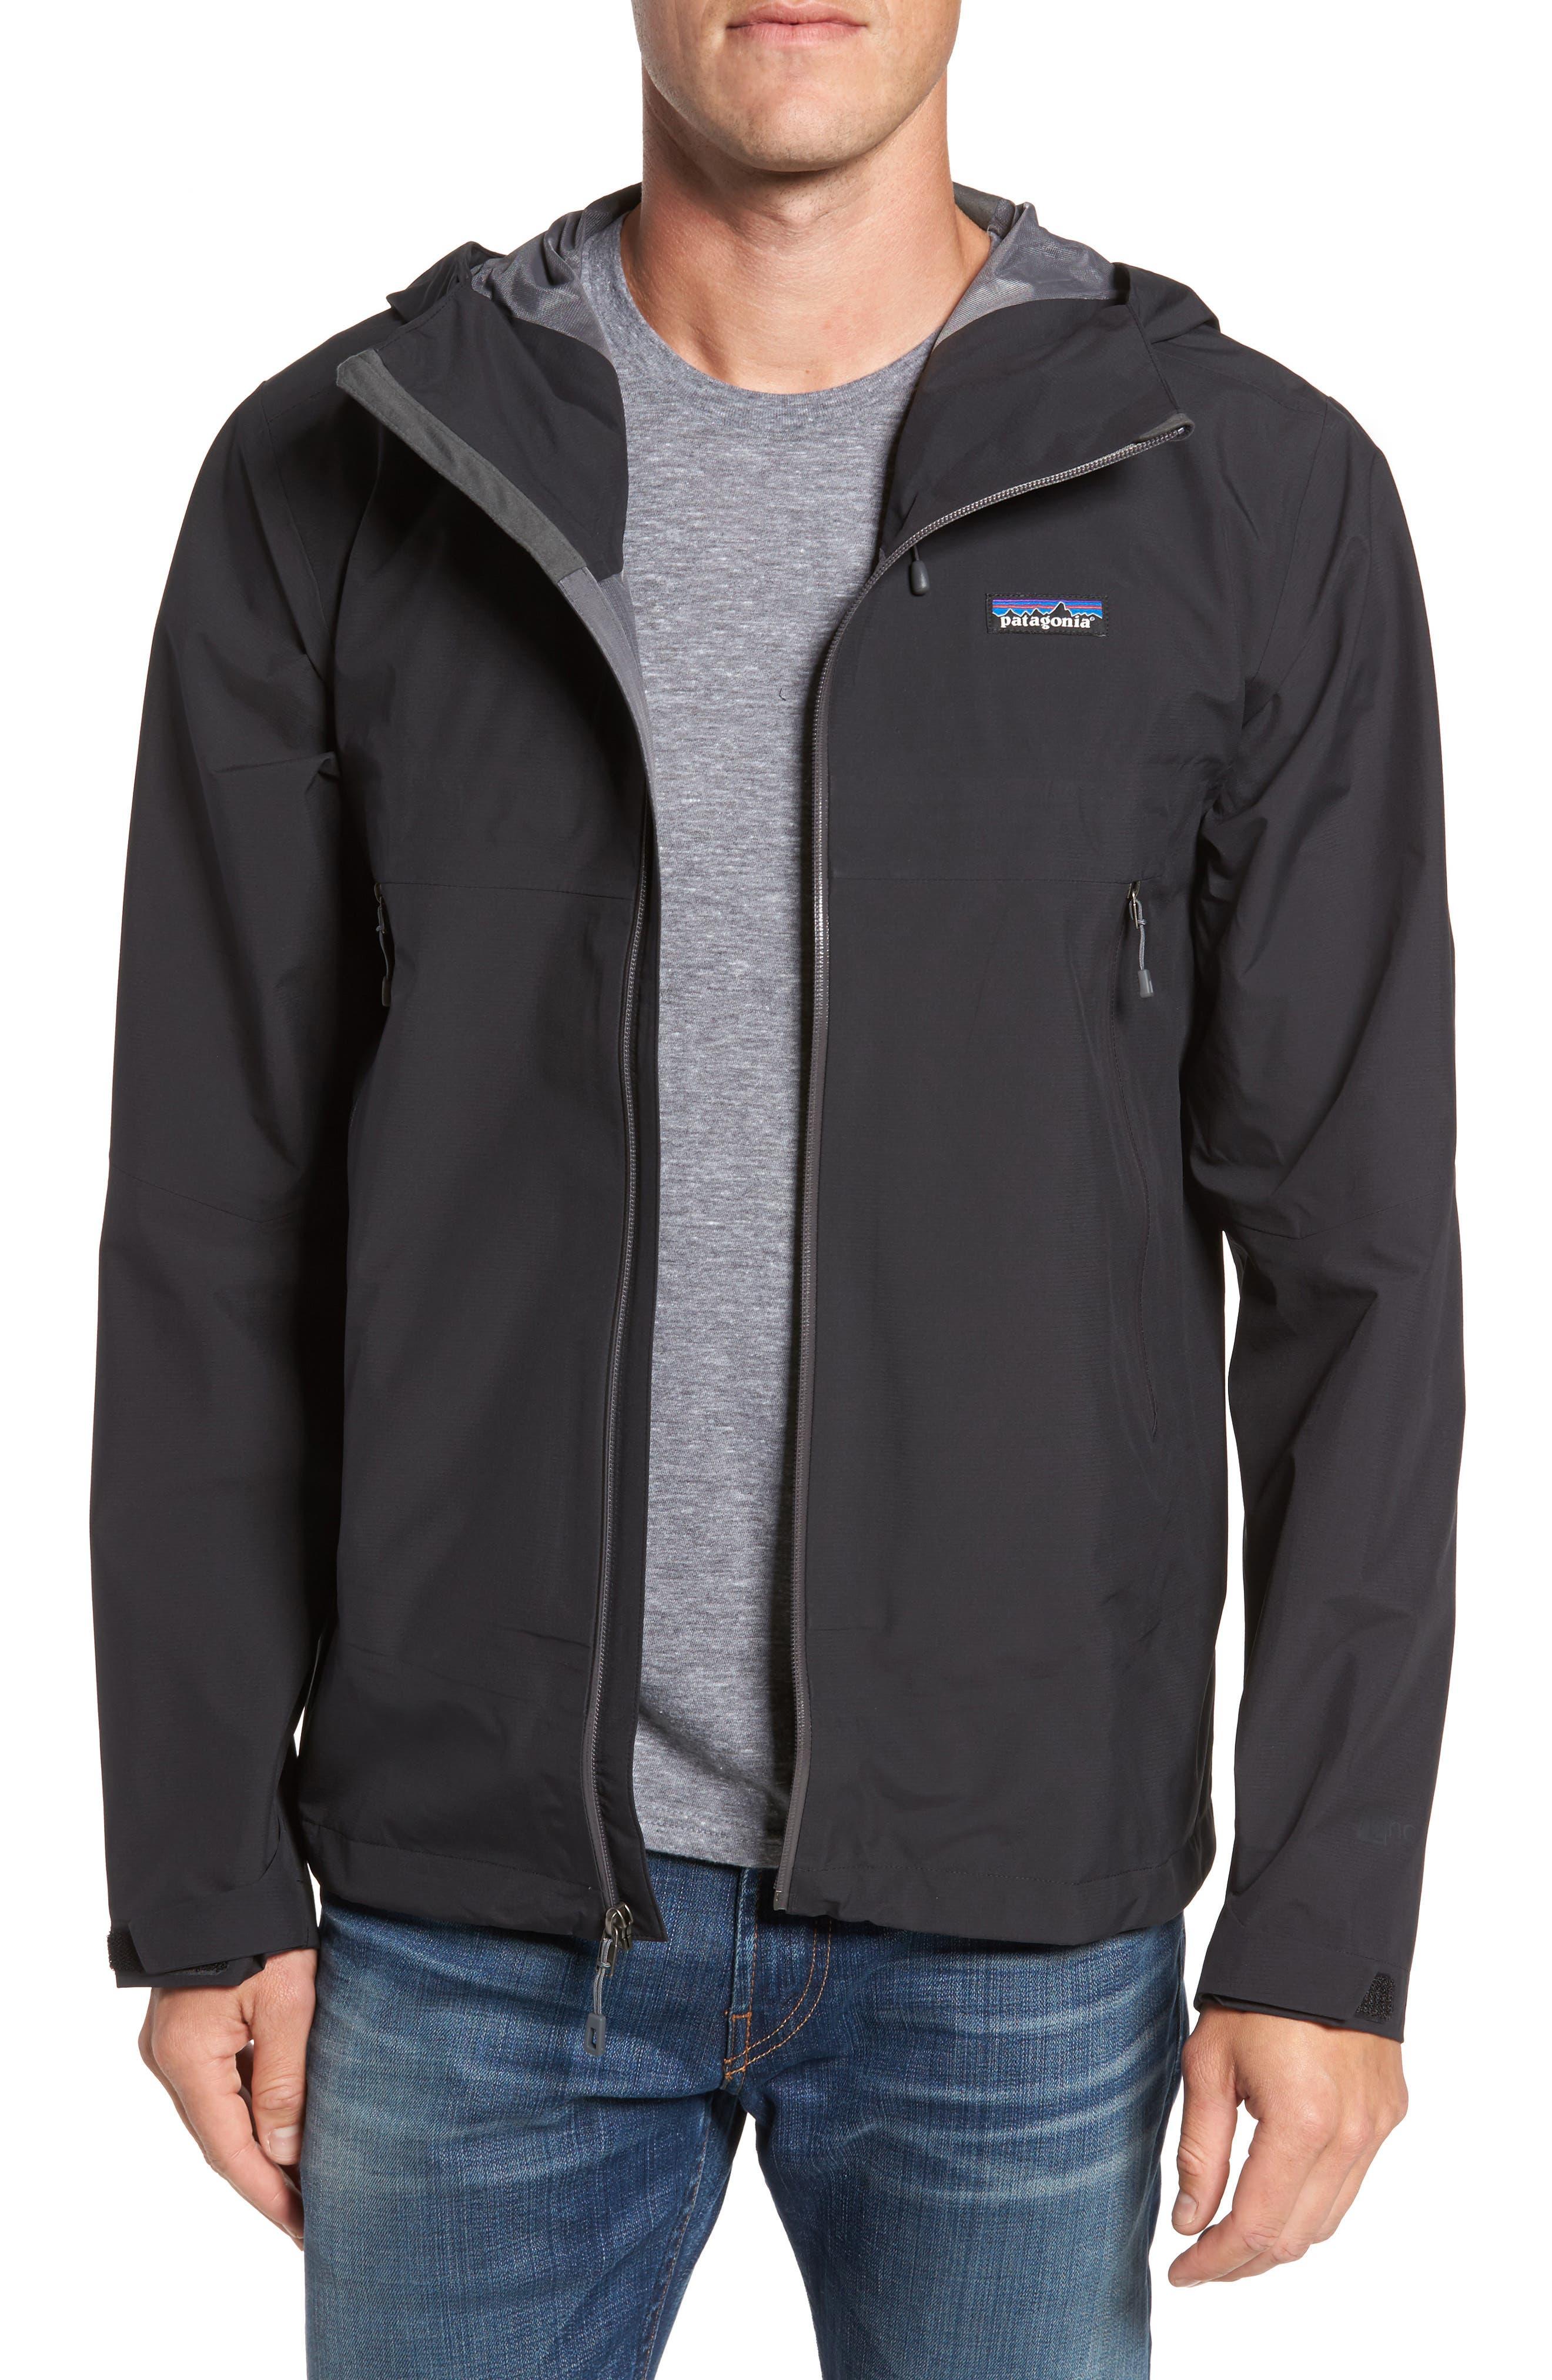 Alternate Image 1 Selected - Patagonia Cloud Ridge Waterproof Jacket